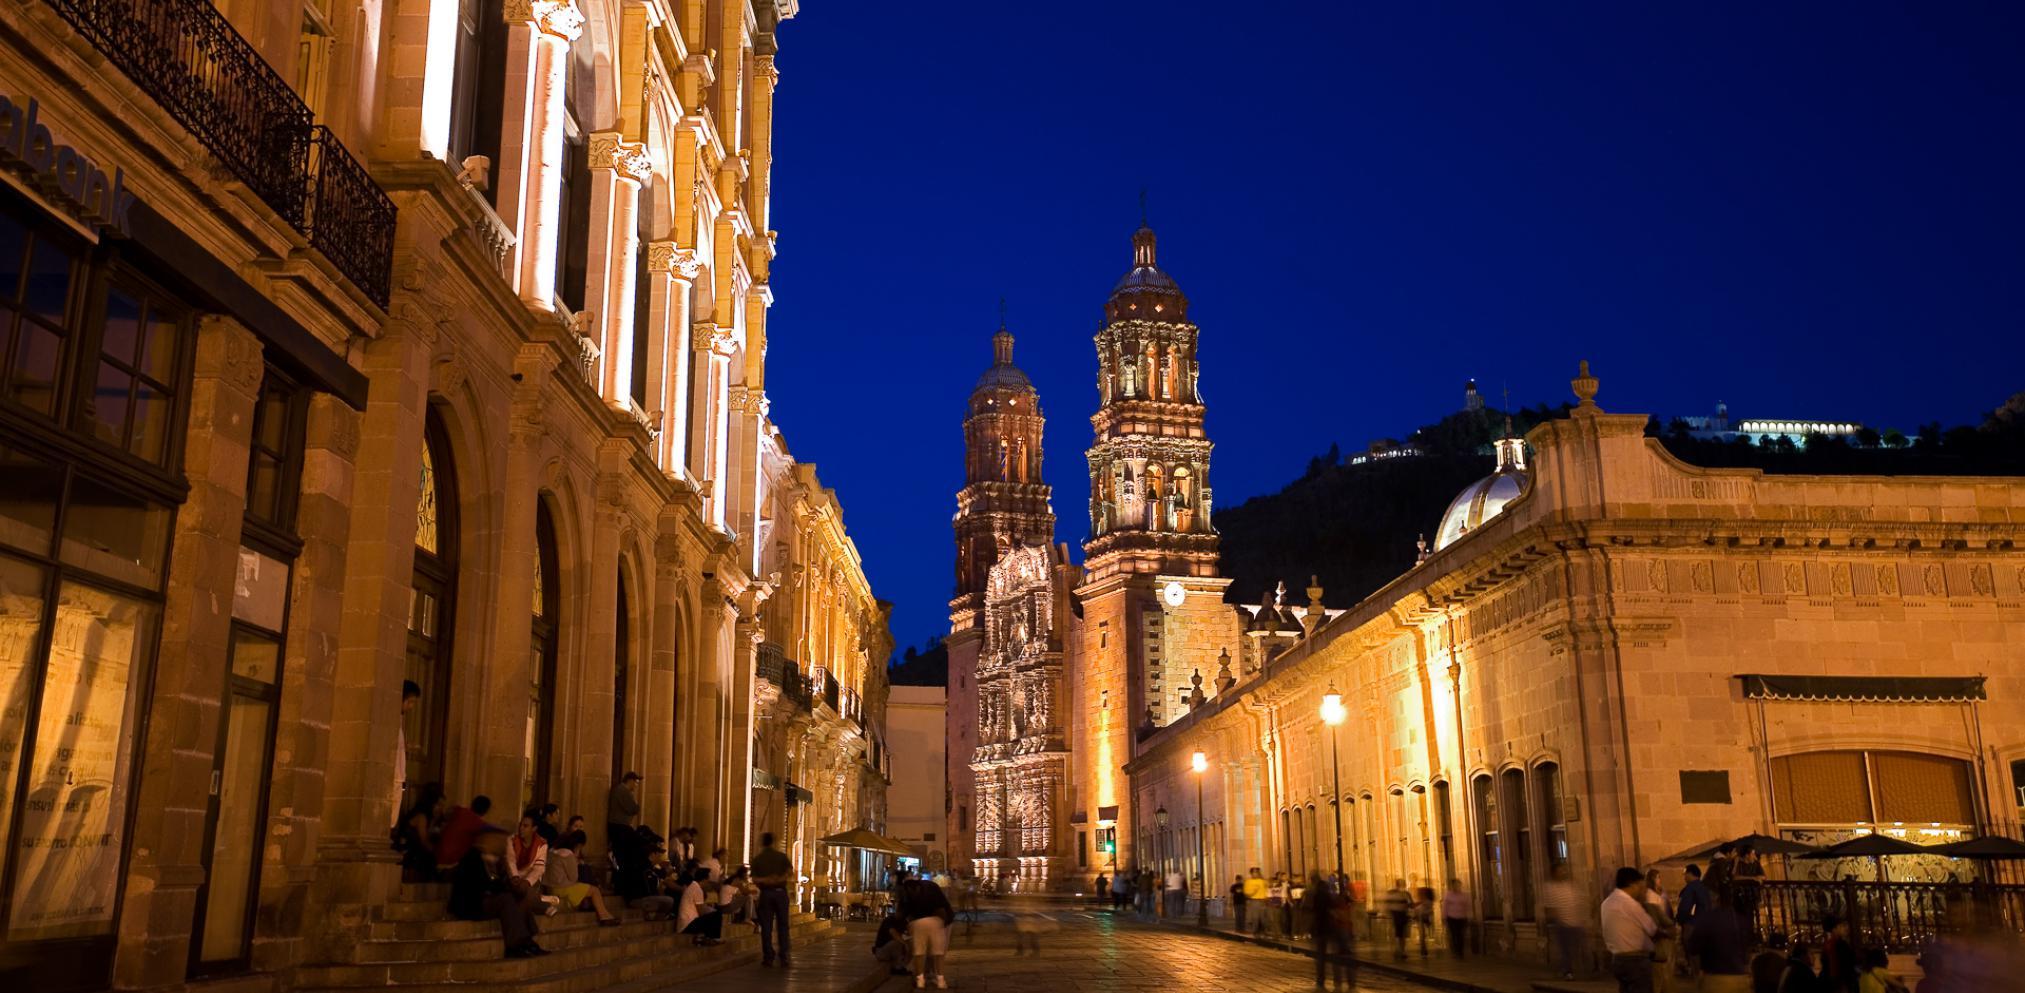 actividades-principales_zacatecas_zacatecas_explora-el-centro-historico-de-la-hermosa-zacatecas_03 (1).jpg